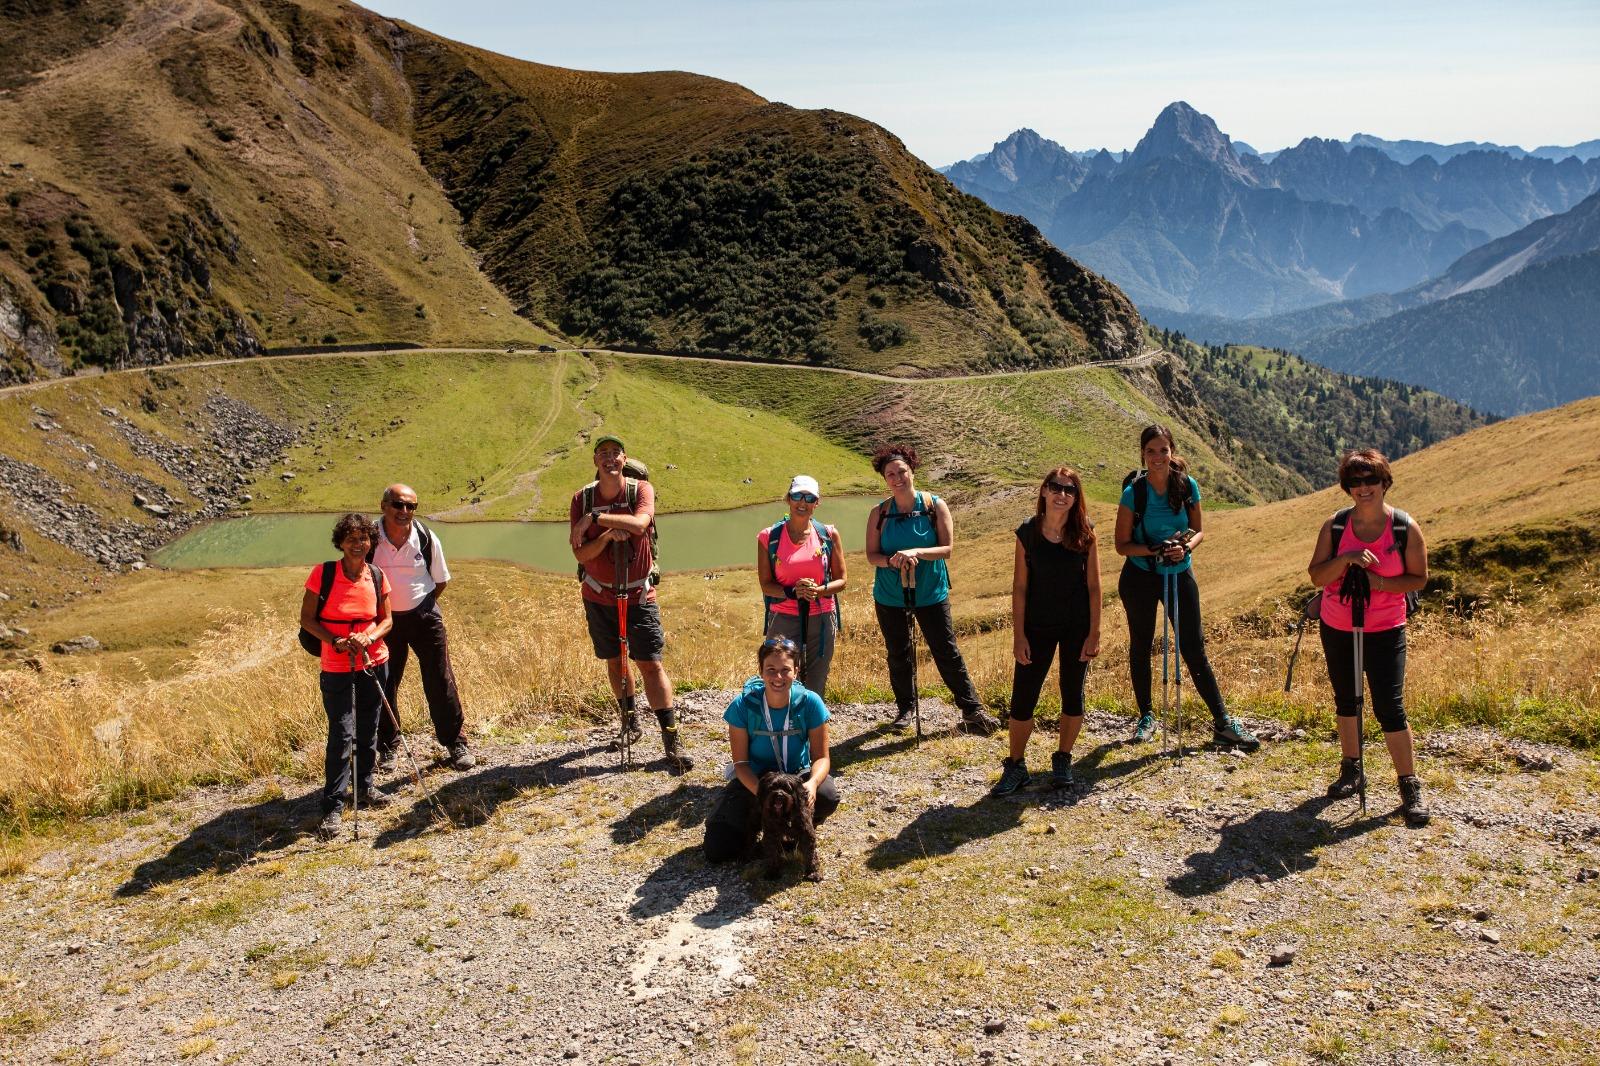 marta-pieri-escursione-di-gruppo-in-montagna-esplora-carso